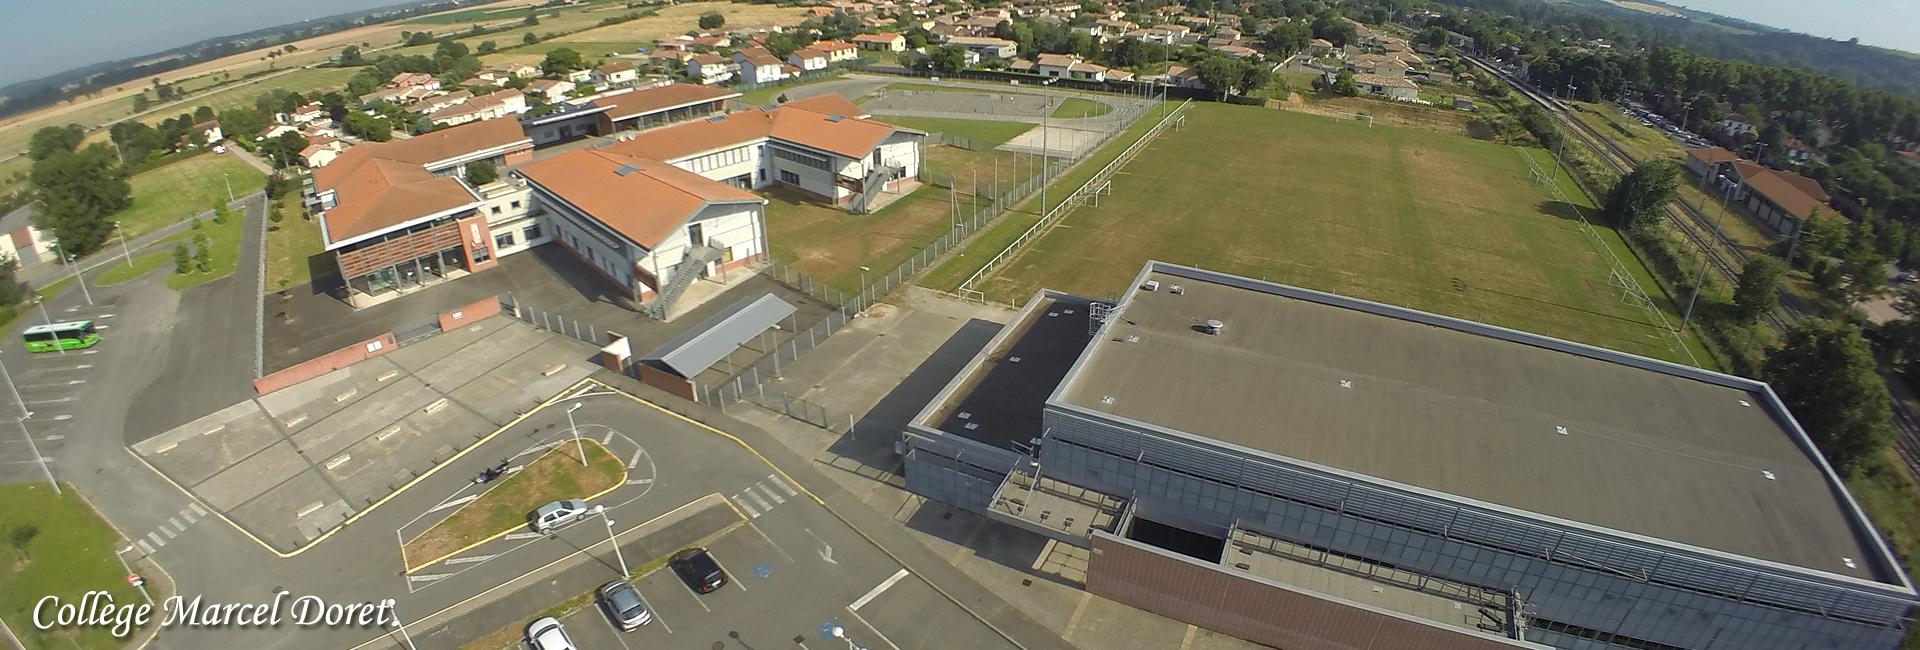 Collège marcel doret le vernet